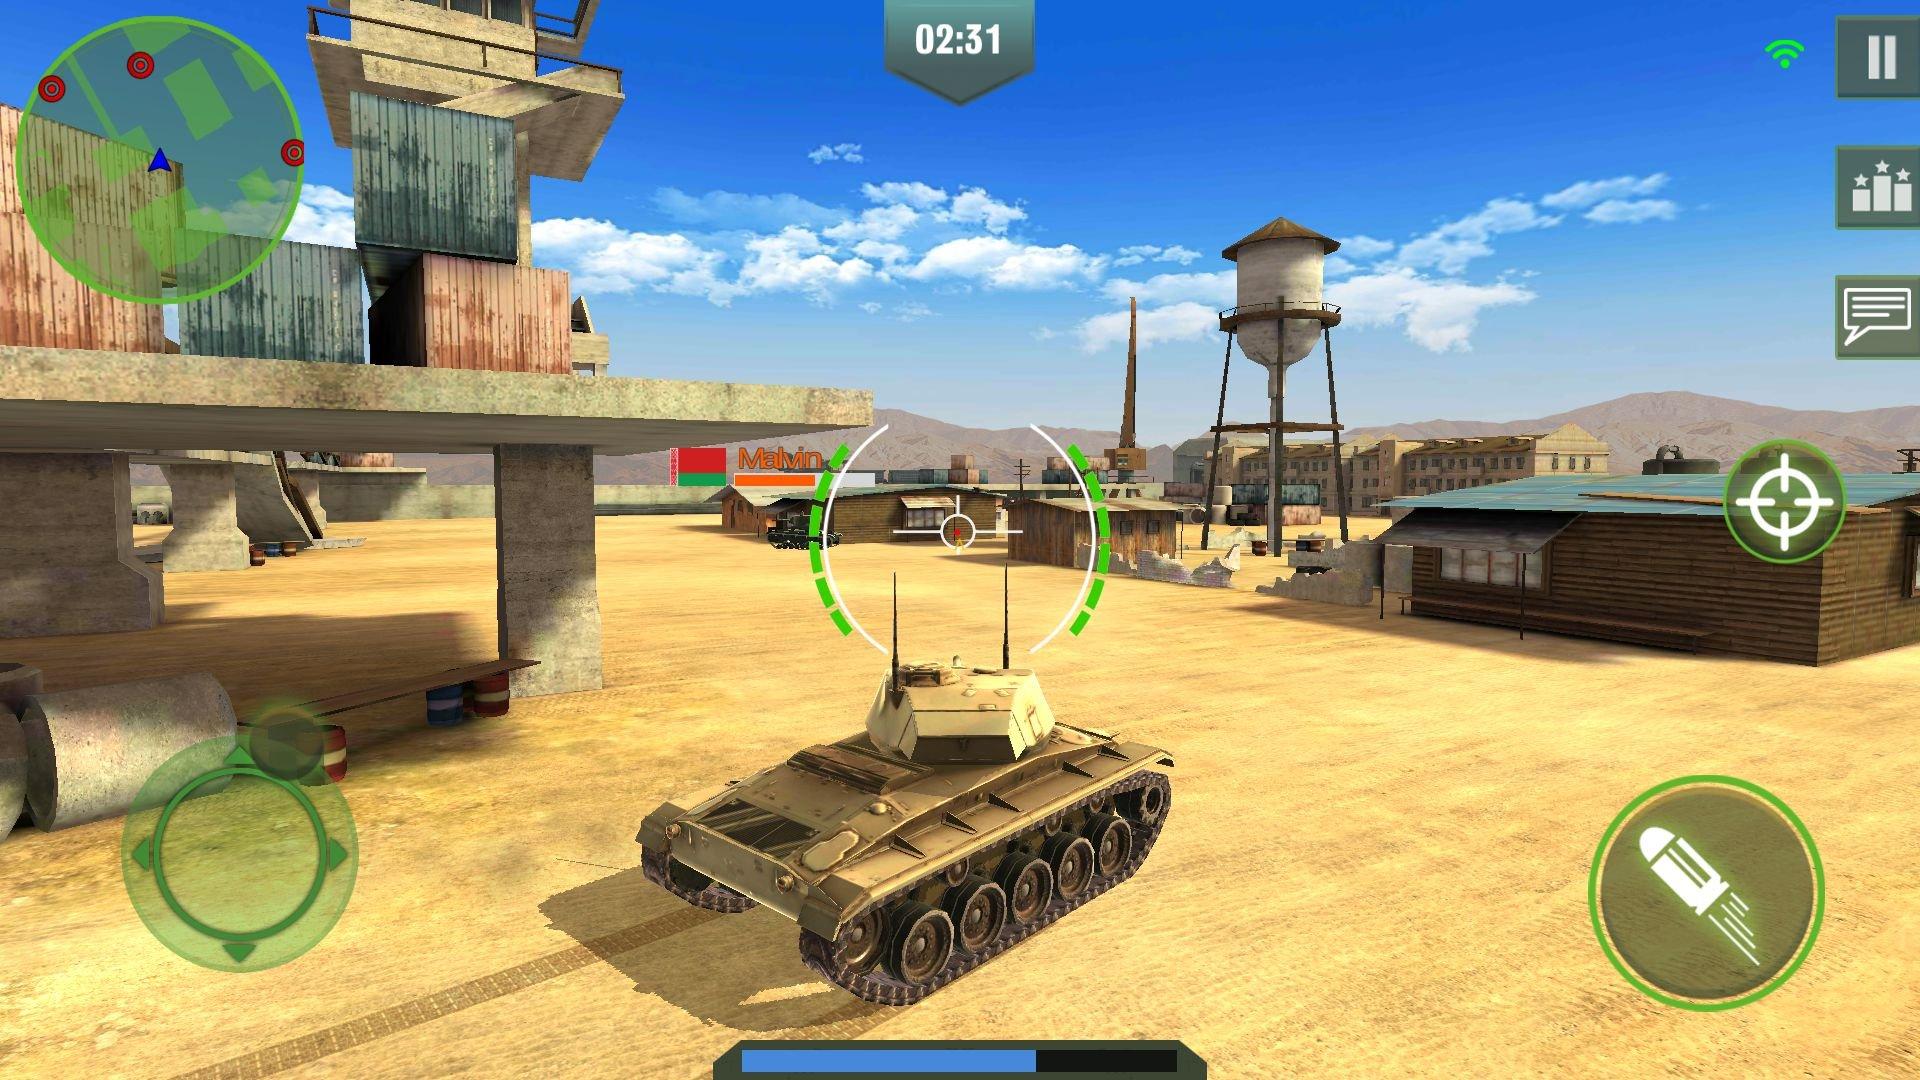 скачать взлом war machines